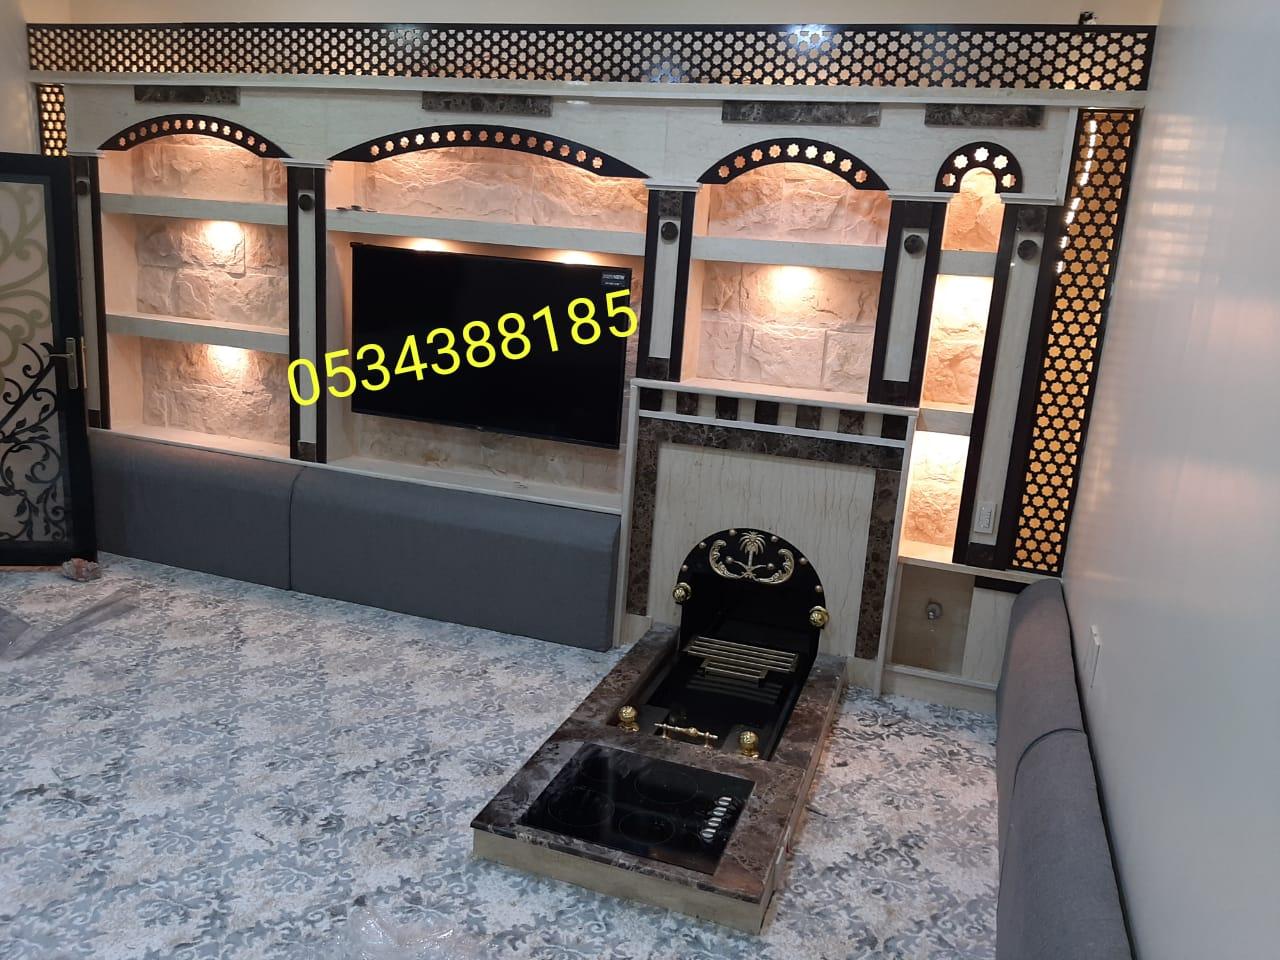 ديكورات مشبات,  ديكورات تراثية , ديكورات المشبات ,  ديكورات تراثية خليجية ,  اجمل ديكورات 0534388185 P_1796epjcl3